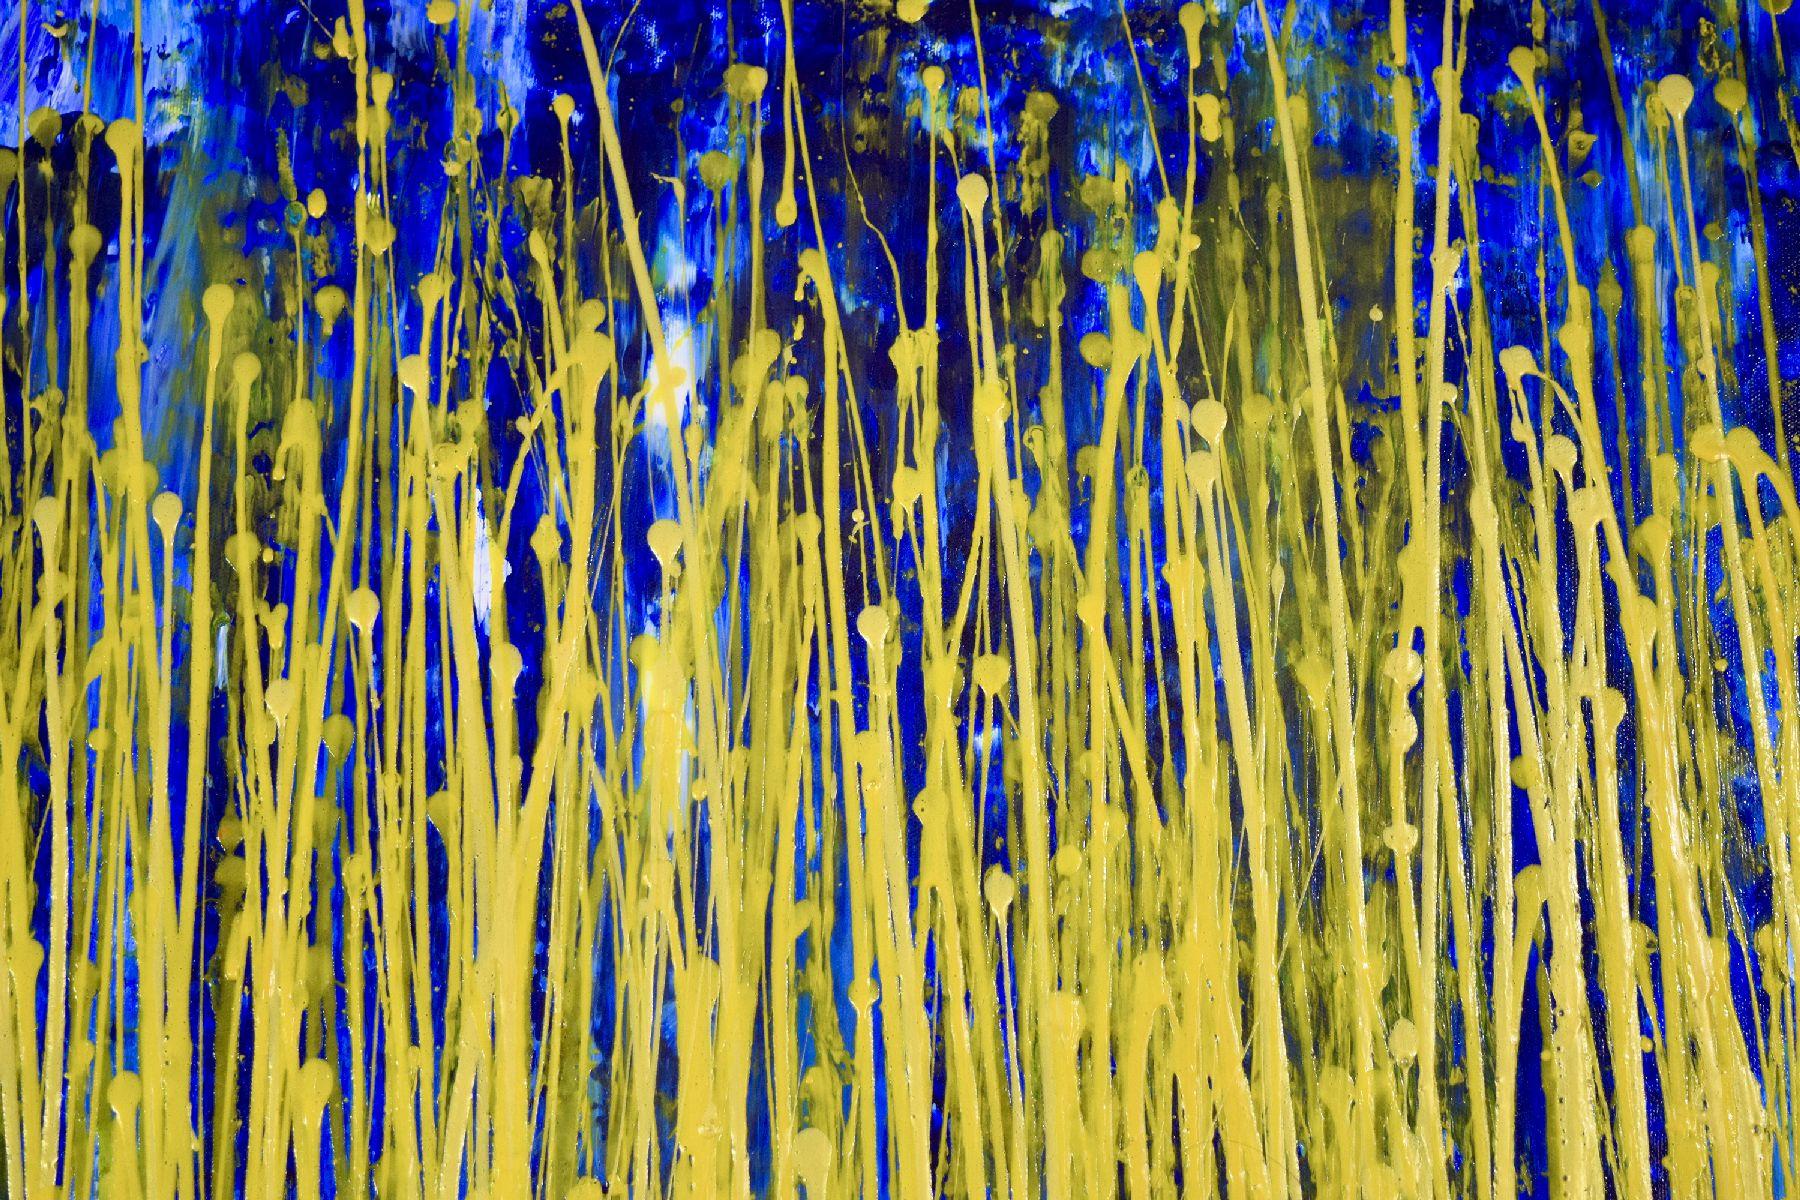 Detail - Thunder silhouettes (Golden Spectra) by Nestor Toro 2020